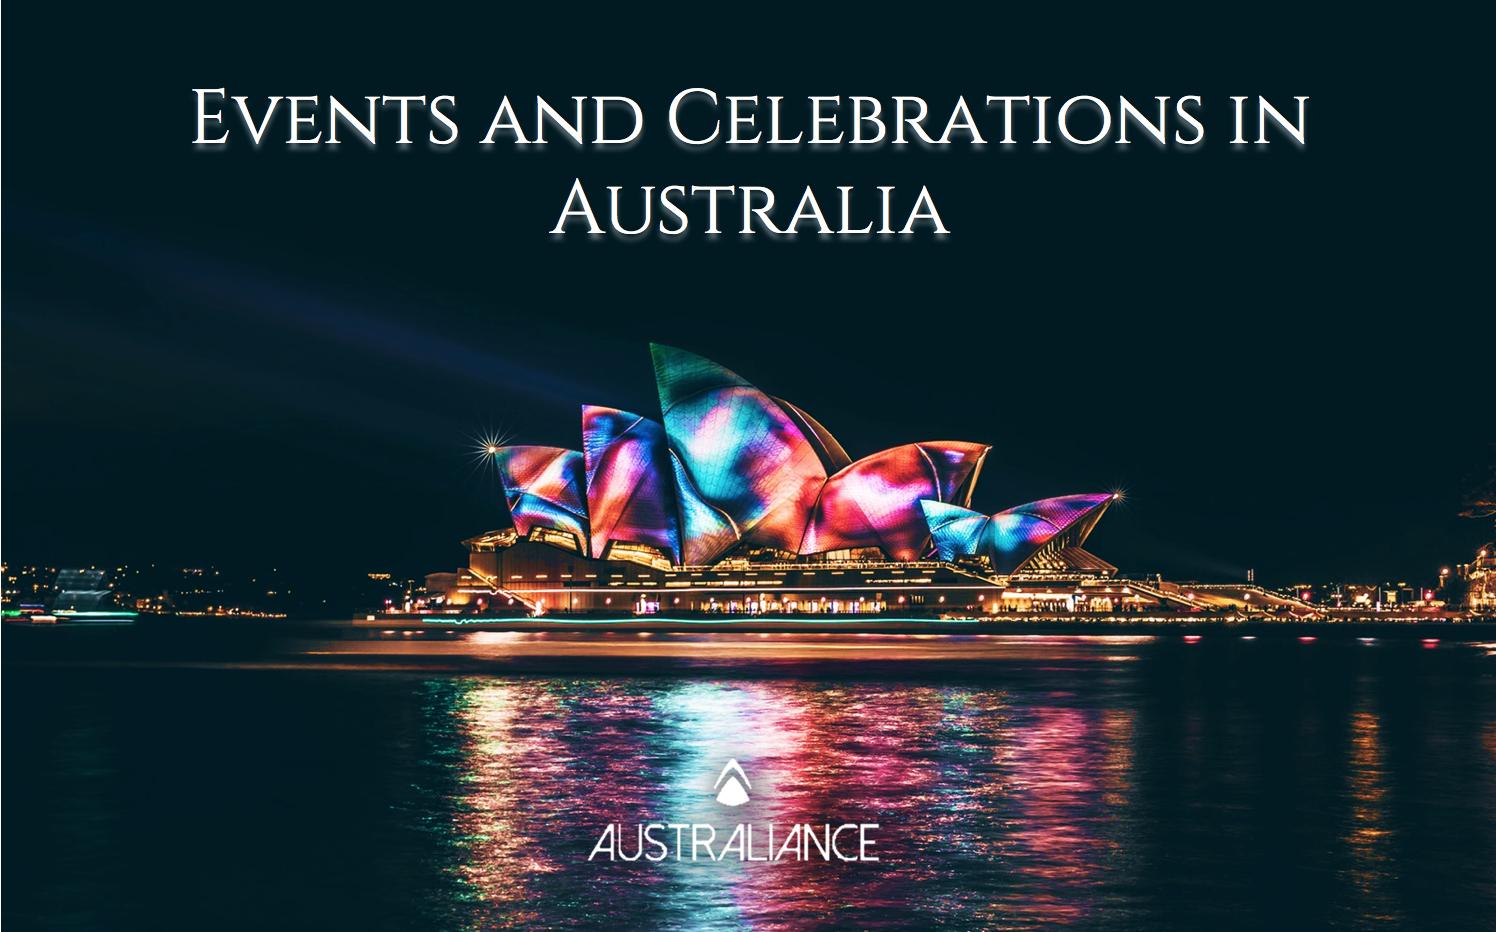 Enjoy Major Australian Events